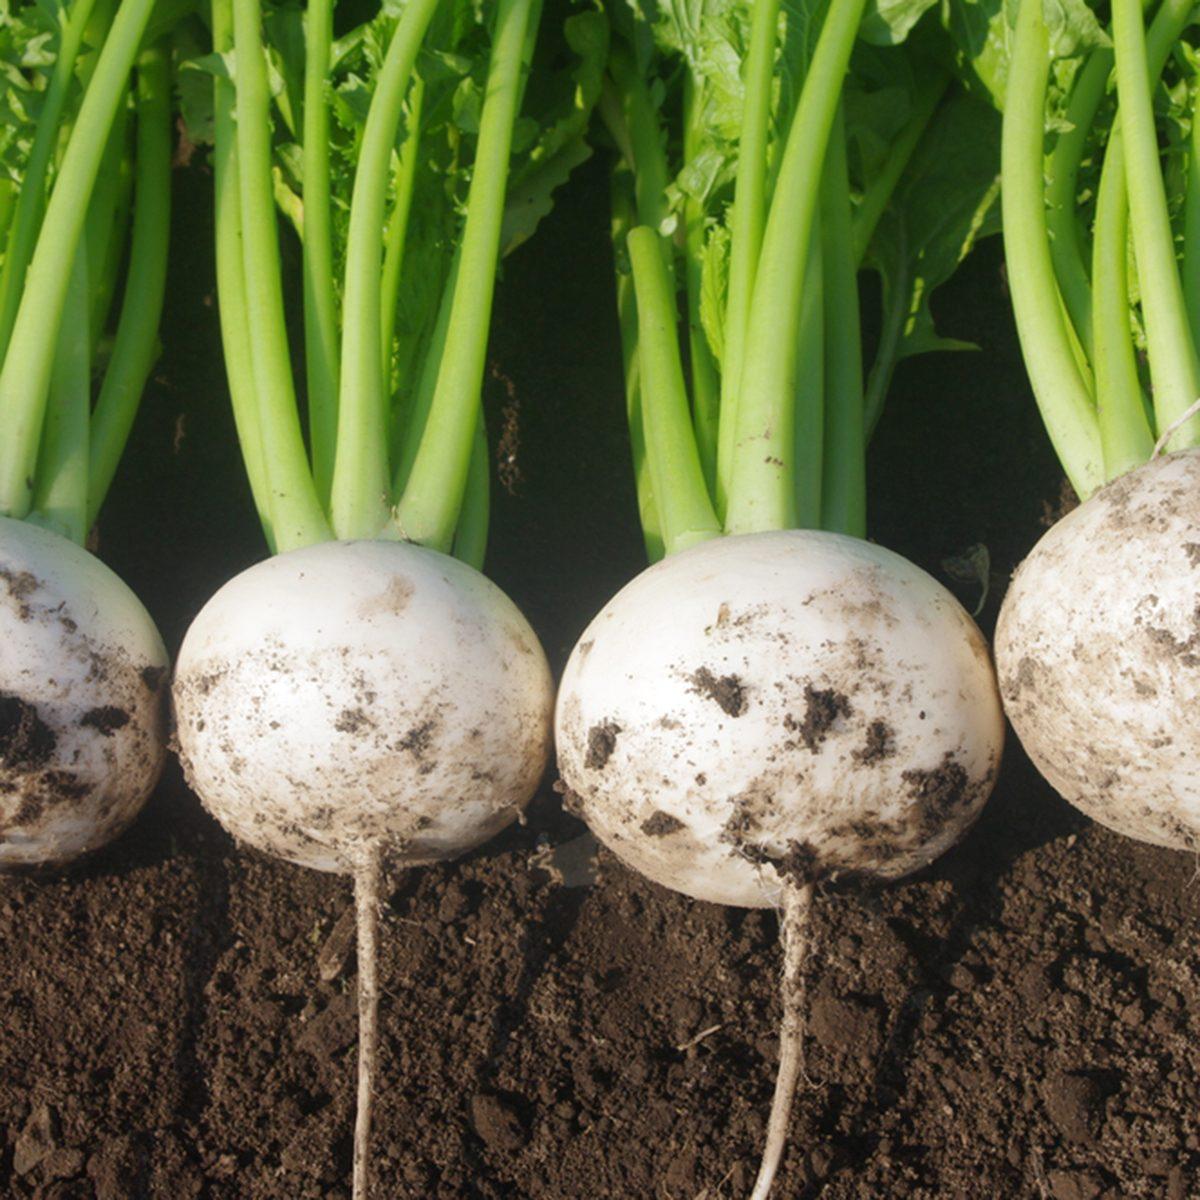 Fresh Japanese turnip